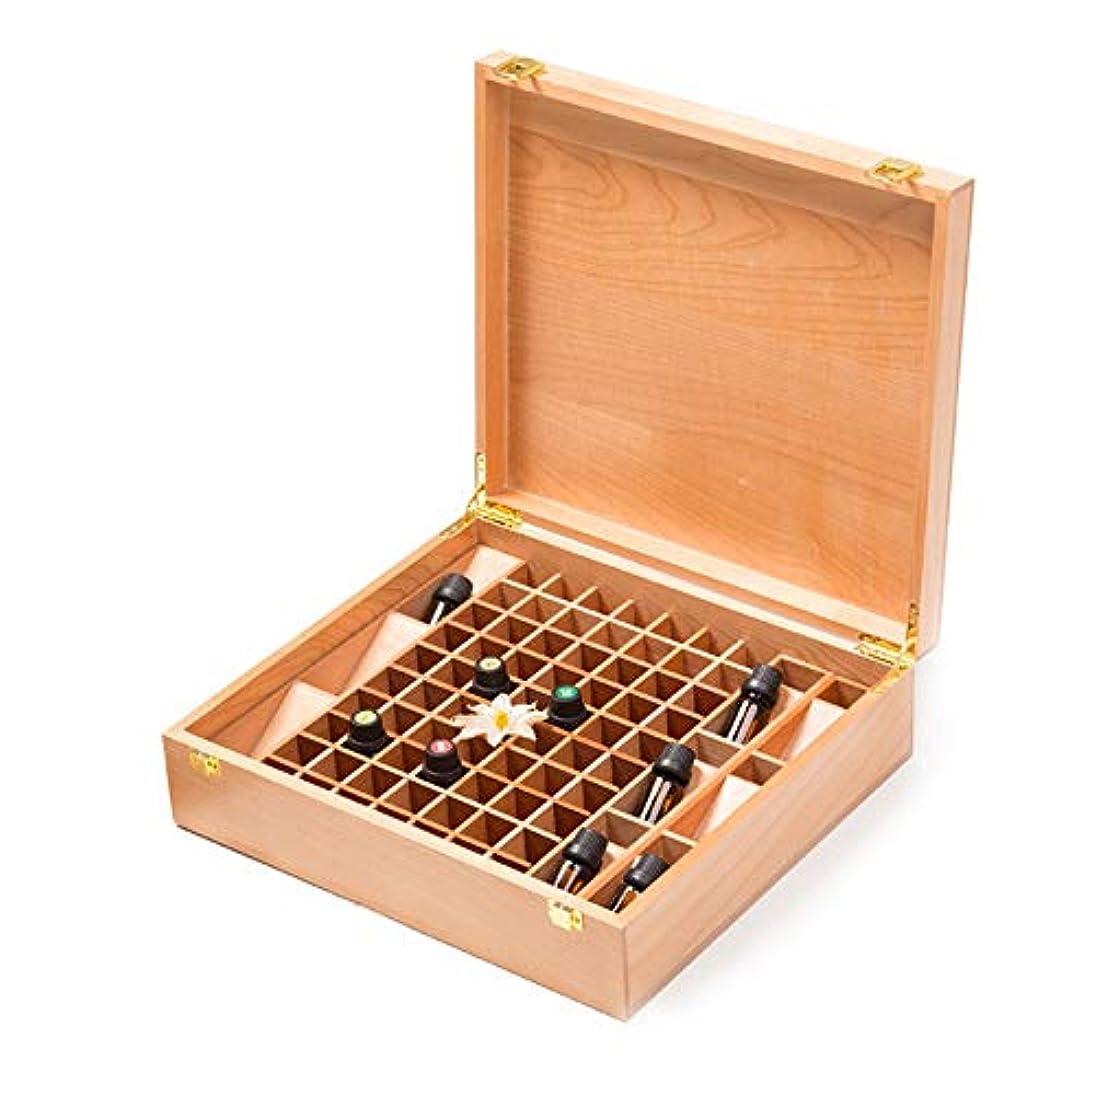 個人的に食欲メナジェリーエッセンシャルオイルの保管 手作りの木製エッセンシャルオイルストレージボックスパーフェクトエッセンシャルオイルのケースは、70の油のボトルを保持します (色 : Natural, サイズ : 44X31.5X10.5CM)